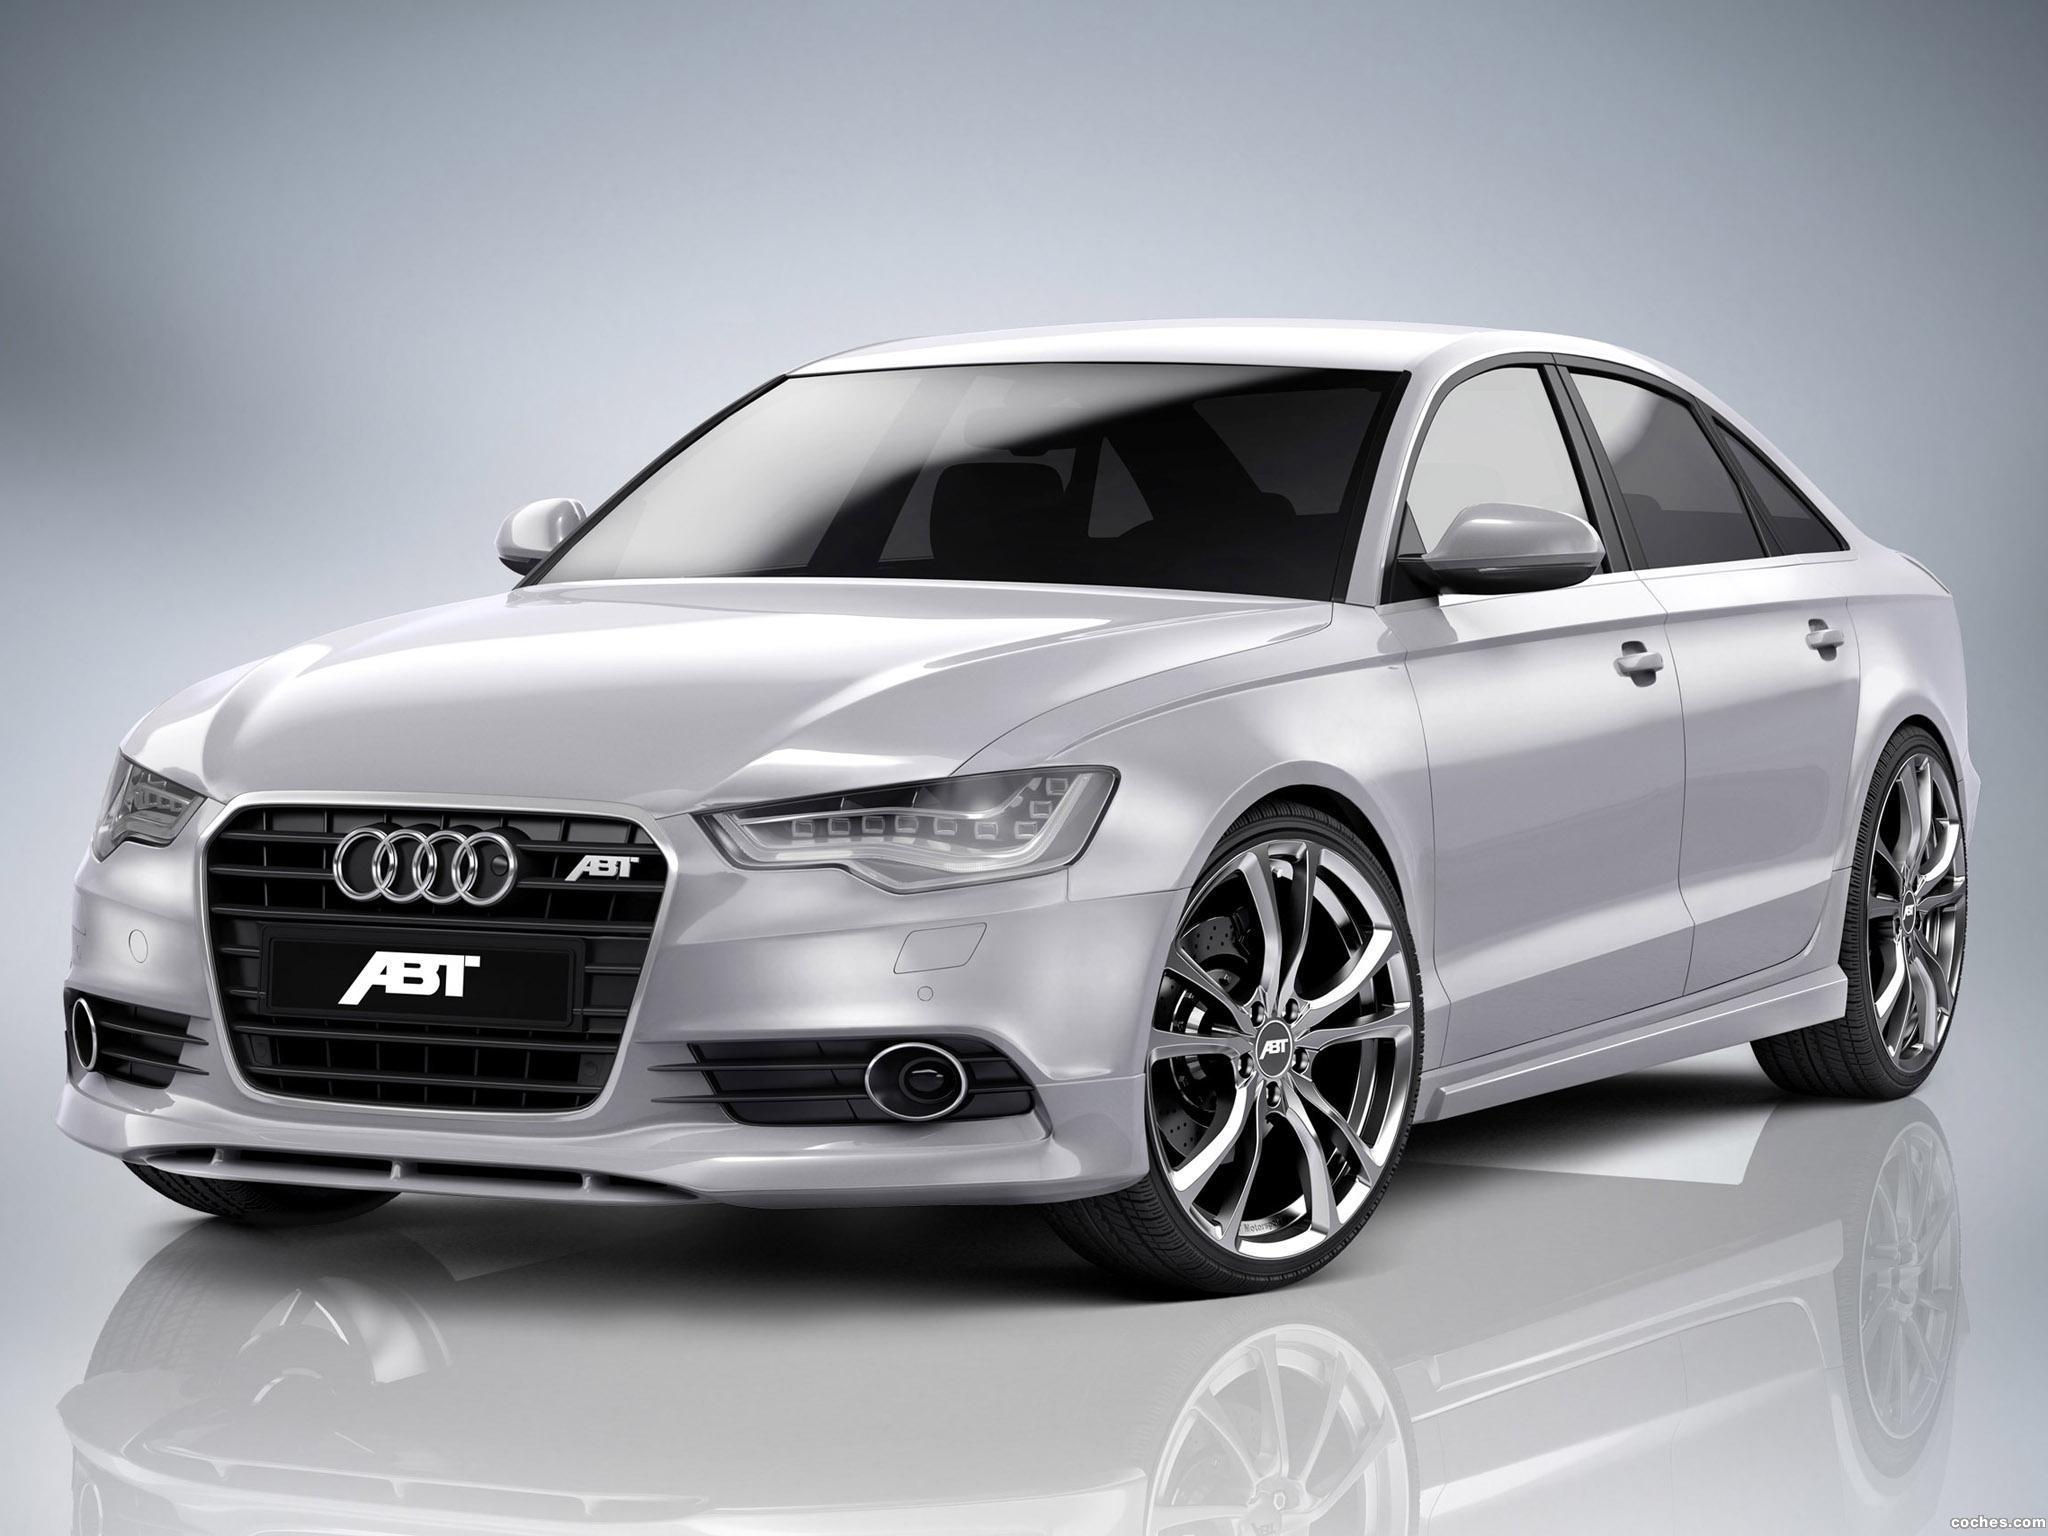 Foto 0 de Audi ABT AS6 Sedan 2013